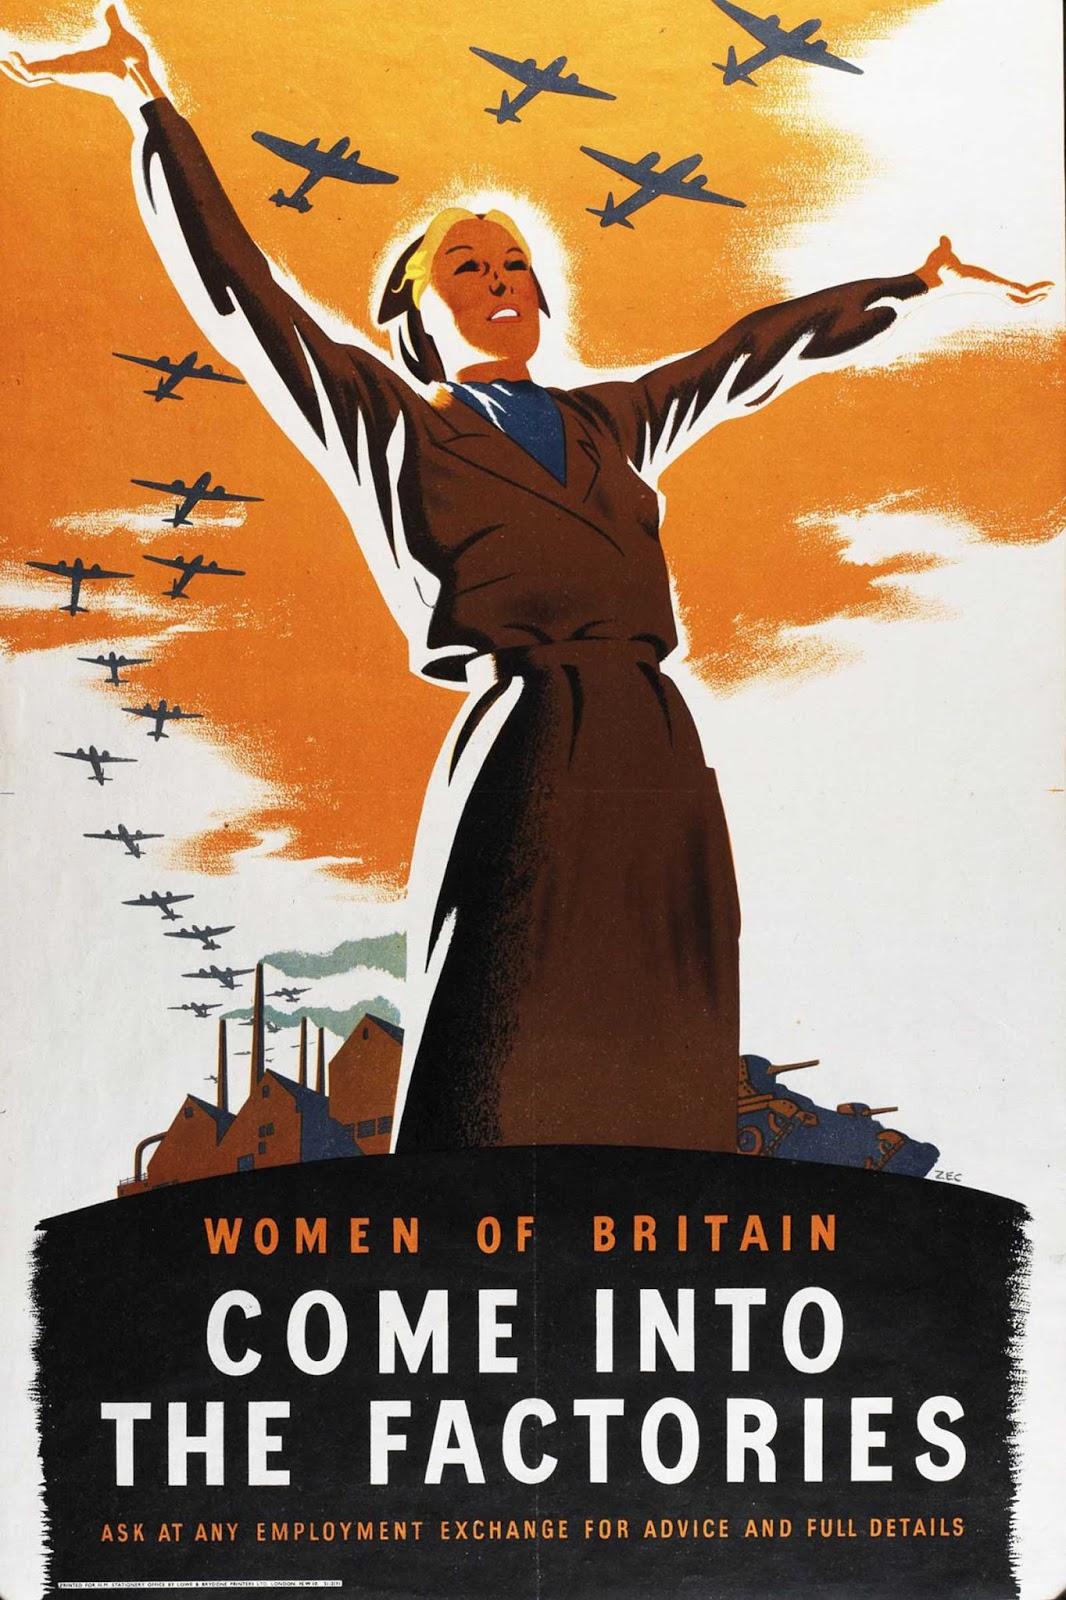 Un cartel de propaganda británica exhorta a las mujeres a asumir trabajos de manufactura para ayudar en el esfuerzo de guerra. 1941.